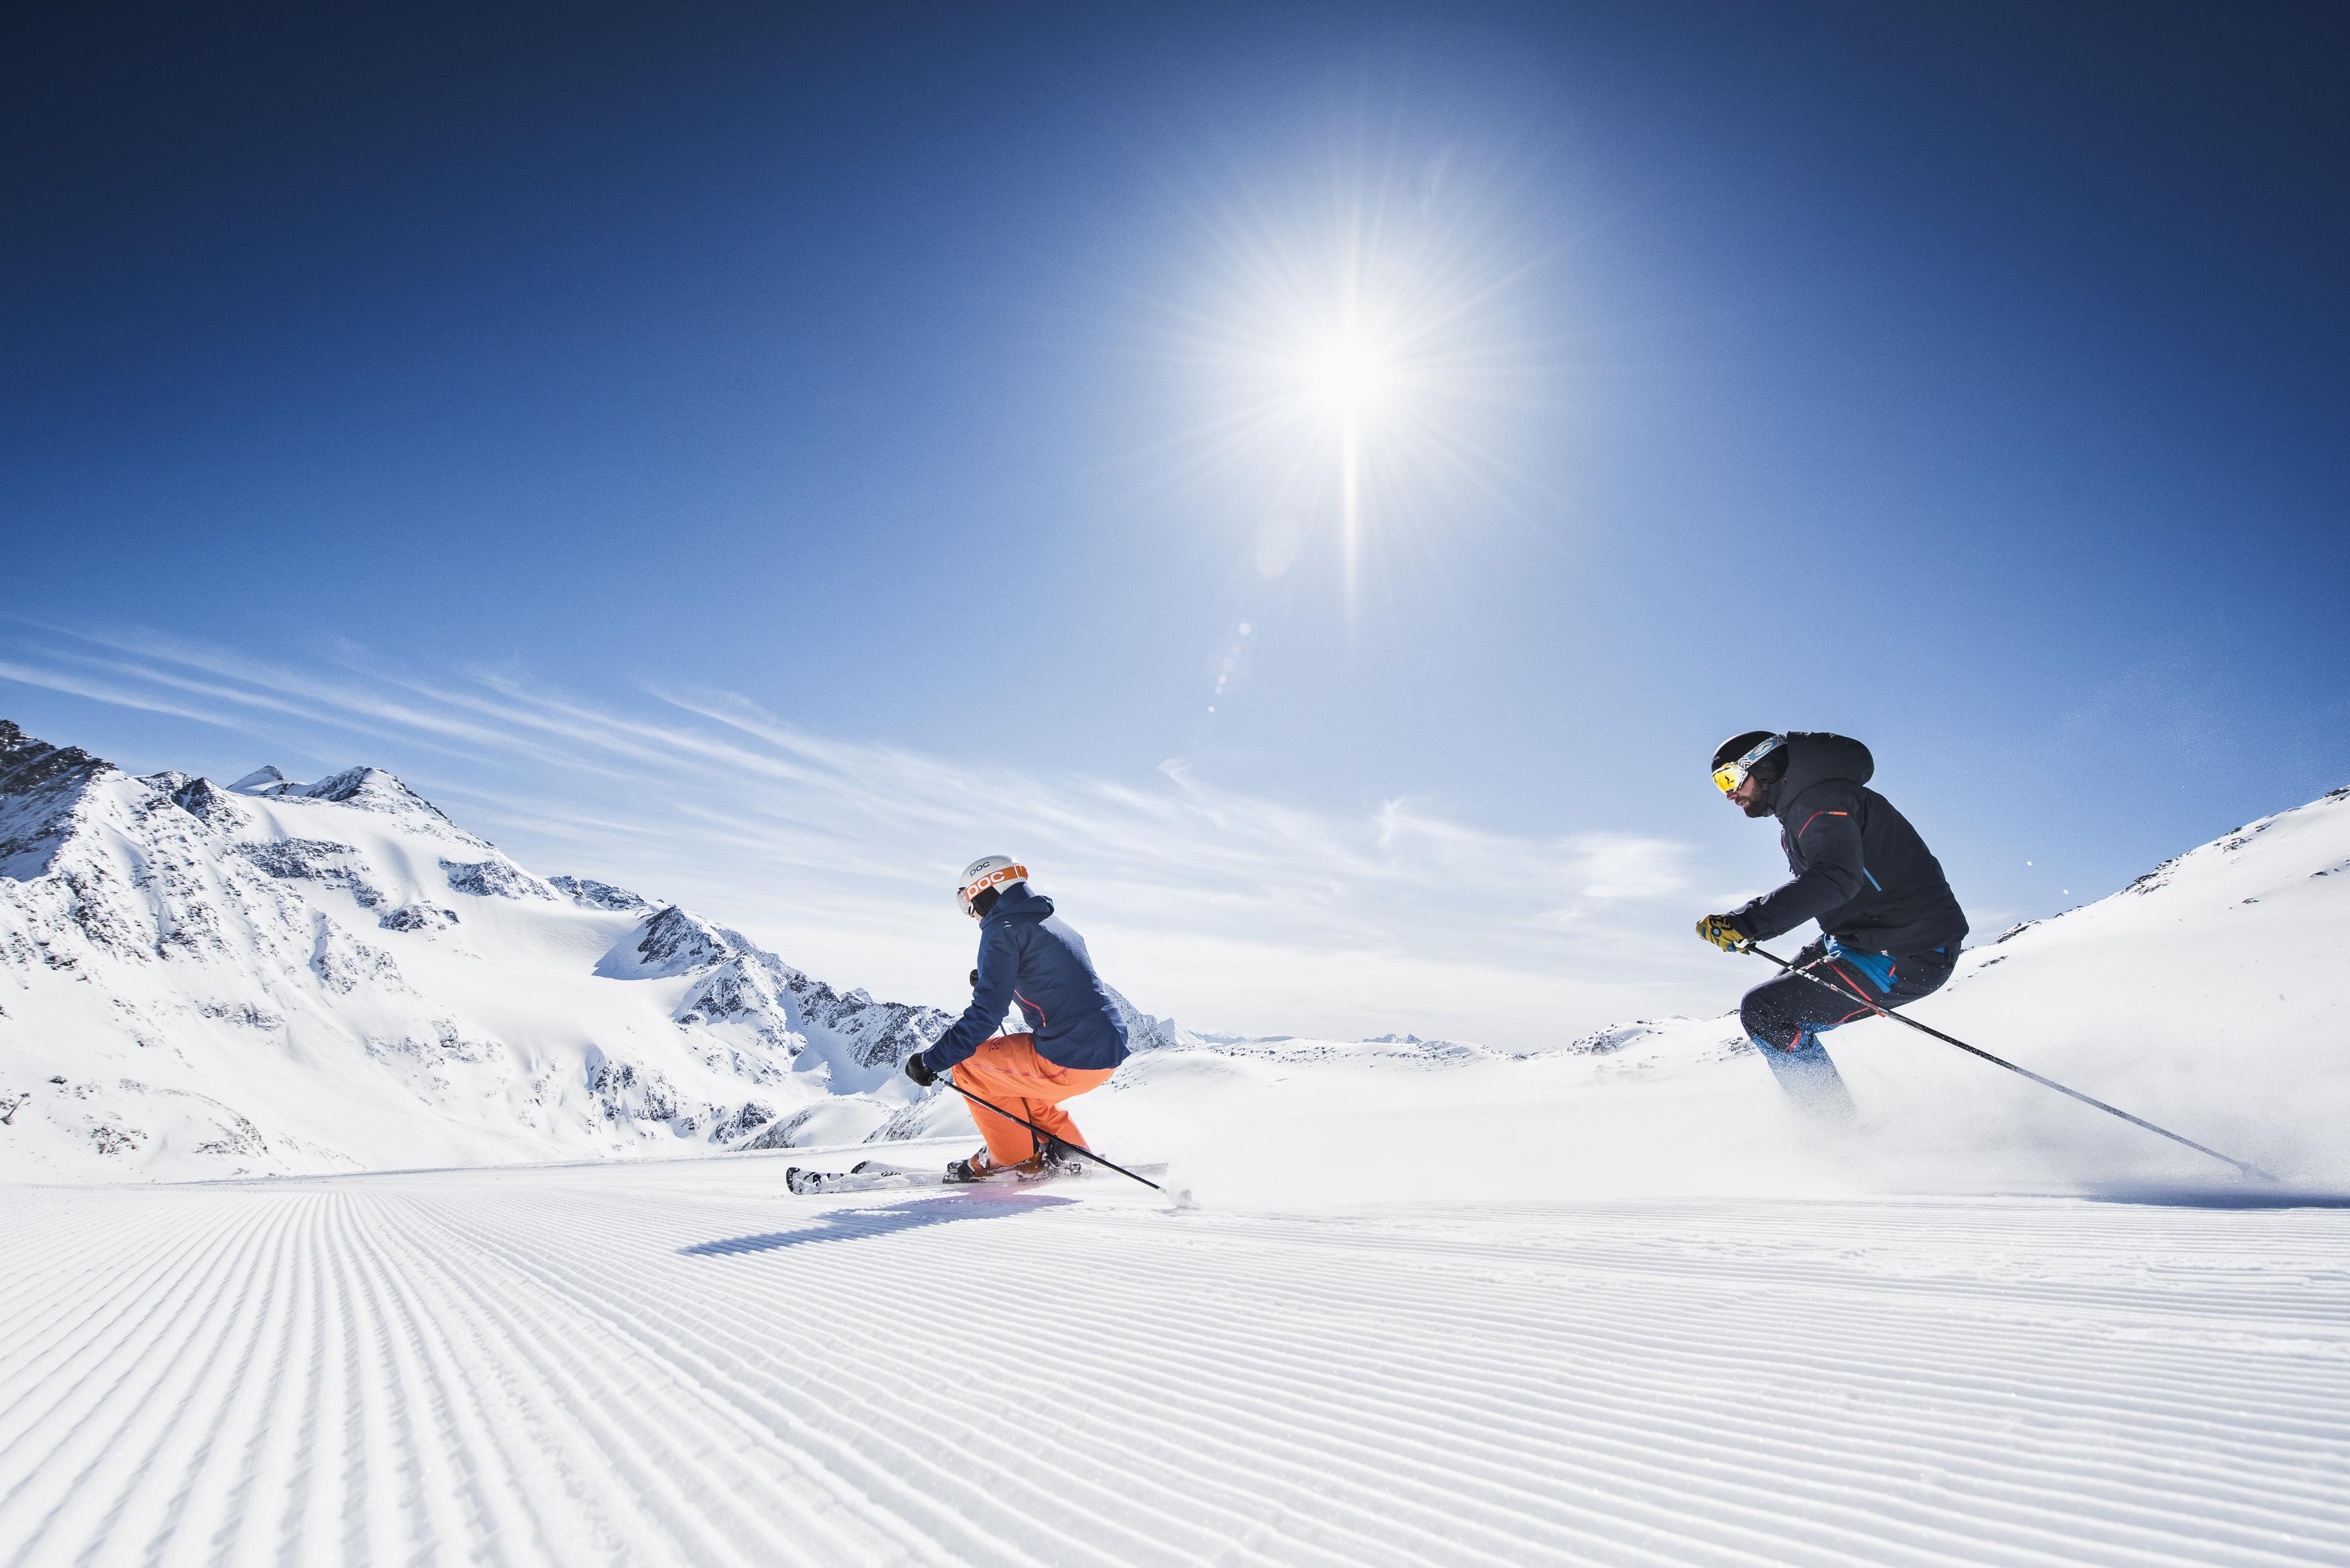 stubaier-gletscher-andre-schoenherr-koeniglich-skifahren-print